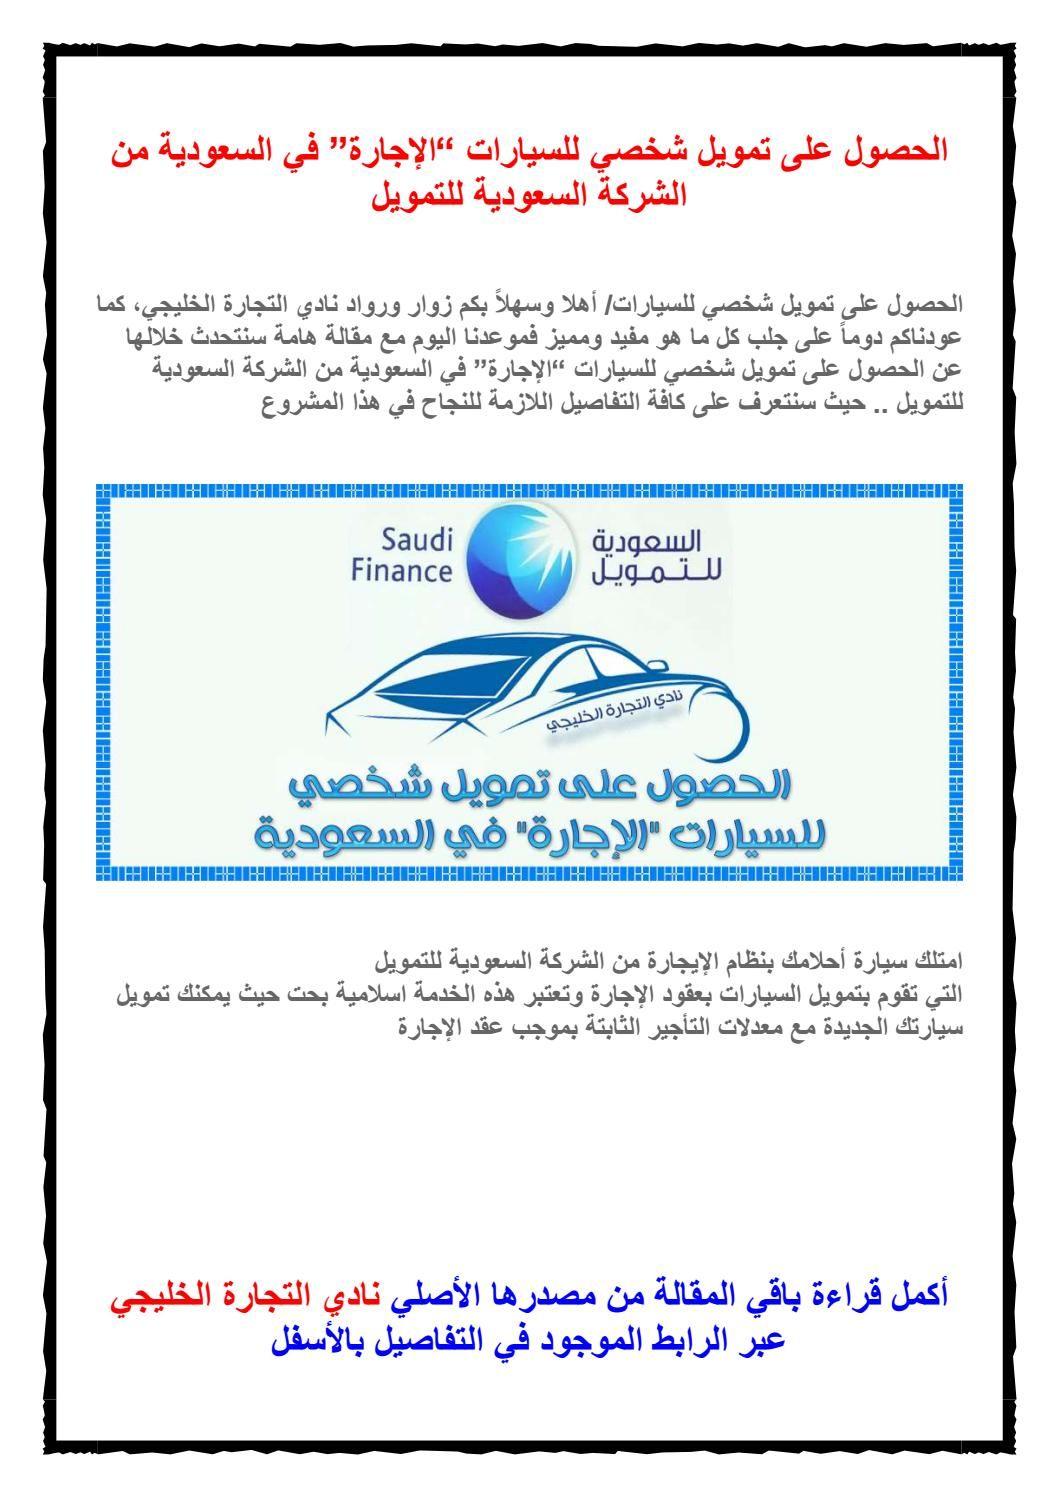 الحصول على تمويل شخصي للسيارات الإجارة في السعودية من الشركة السعودية للتمويل Microsoft Word Document Finance Words